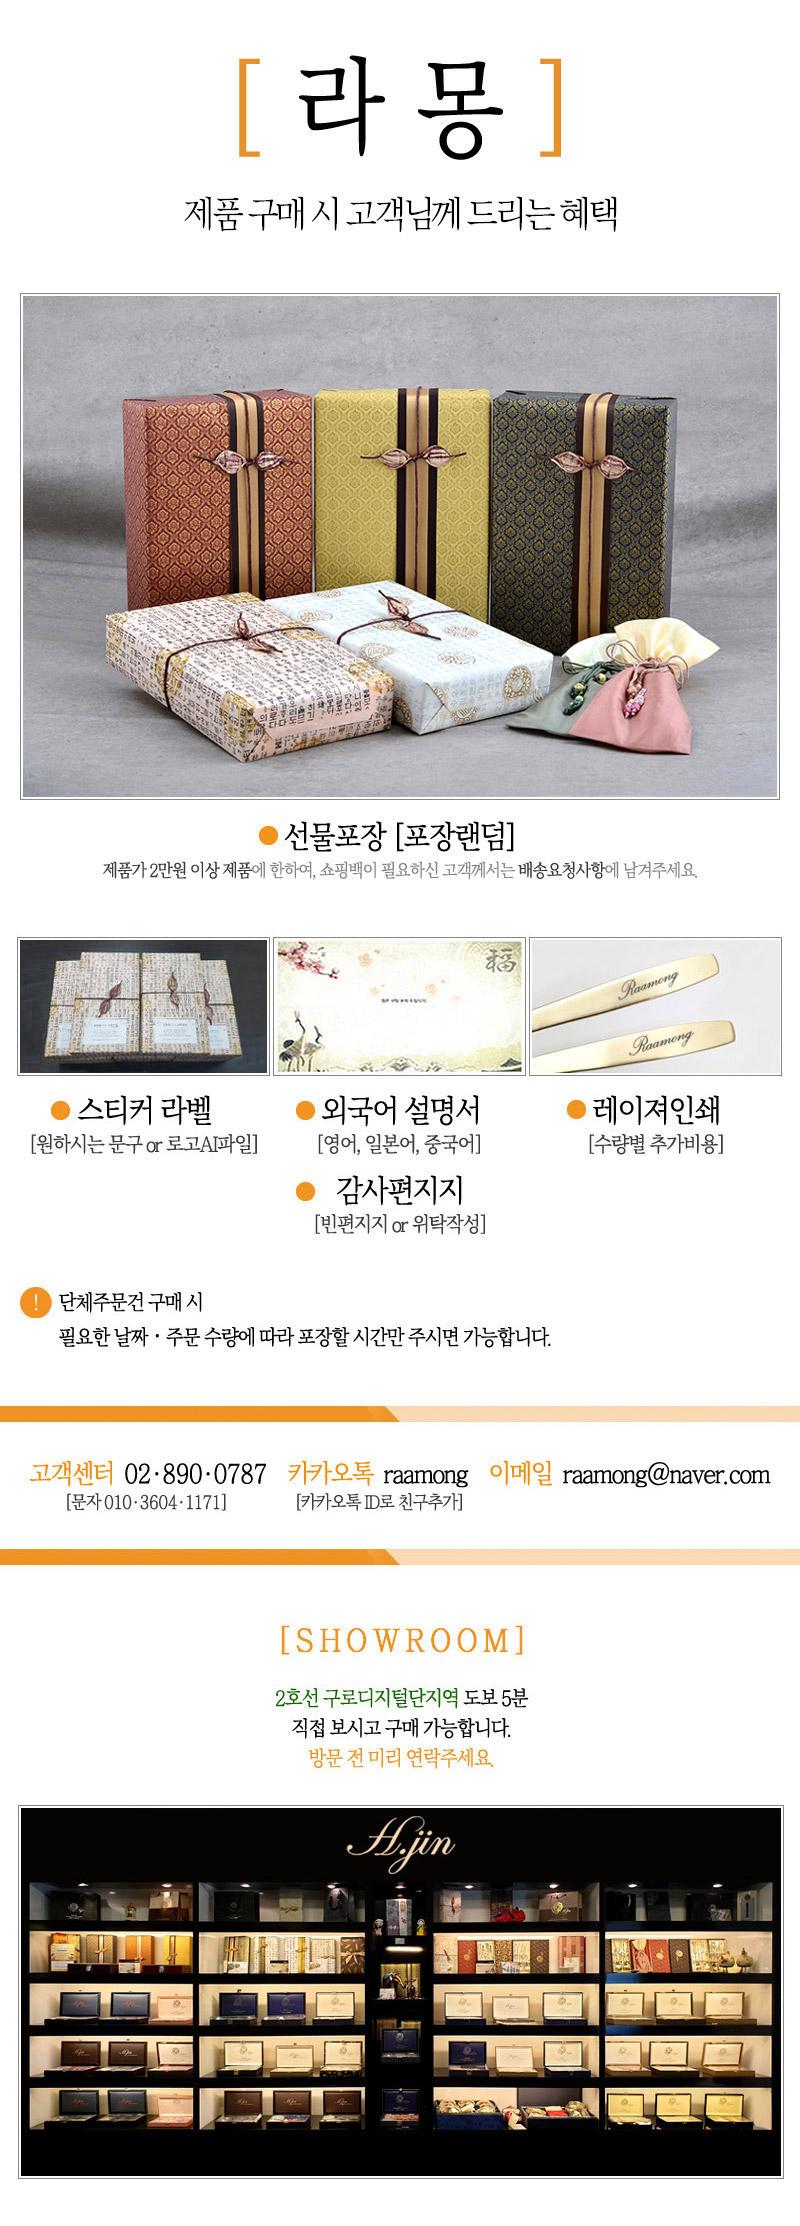 H.jin 은상감조각 방짜유기수저세트 - 현진통상, 238,800원, 숟가락/젓가락/스틱, 숟가락/젓가락 세트